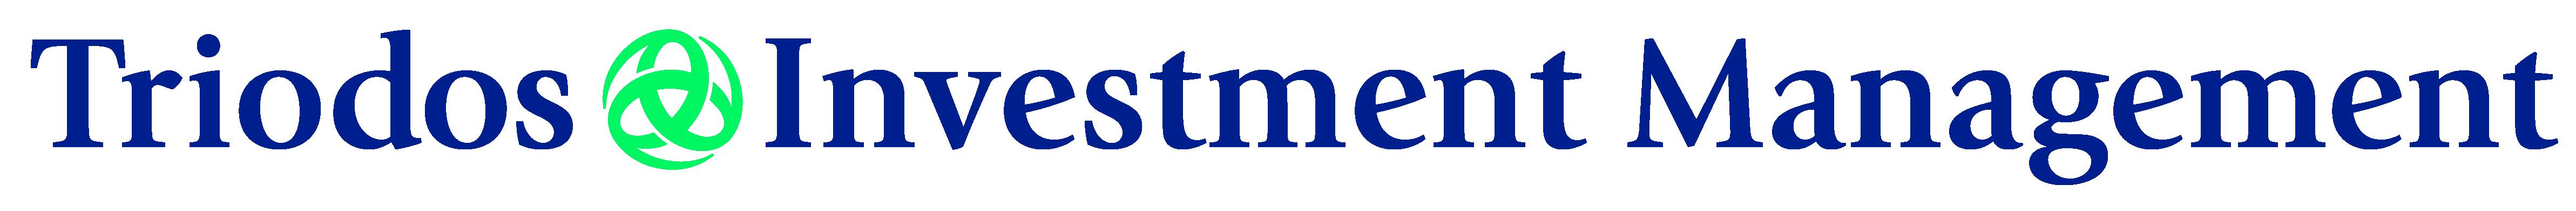 Afbeeldingsresultaat voor triodos investment management logo